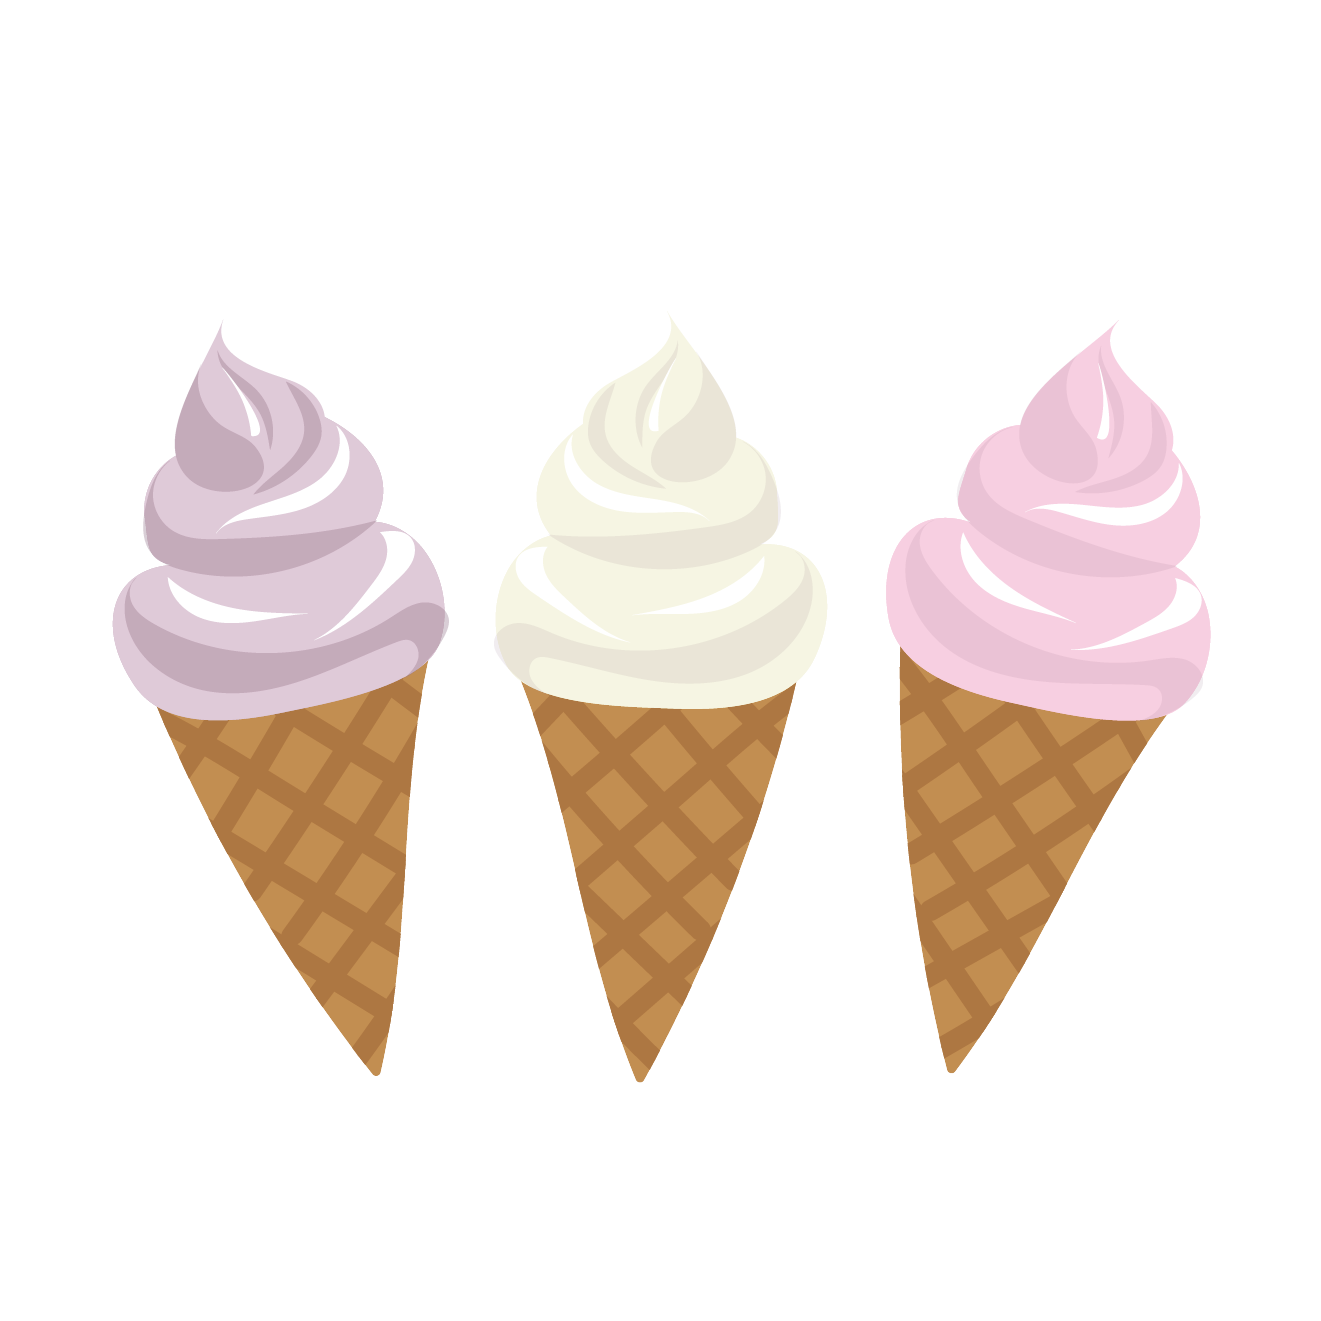 ソフトクリームアイスアイスクリームスイーツお菓子 商用